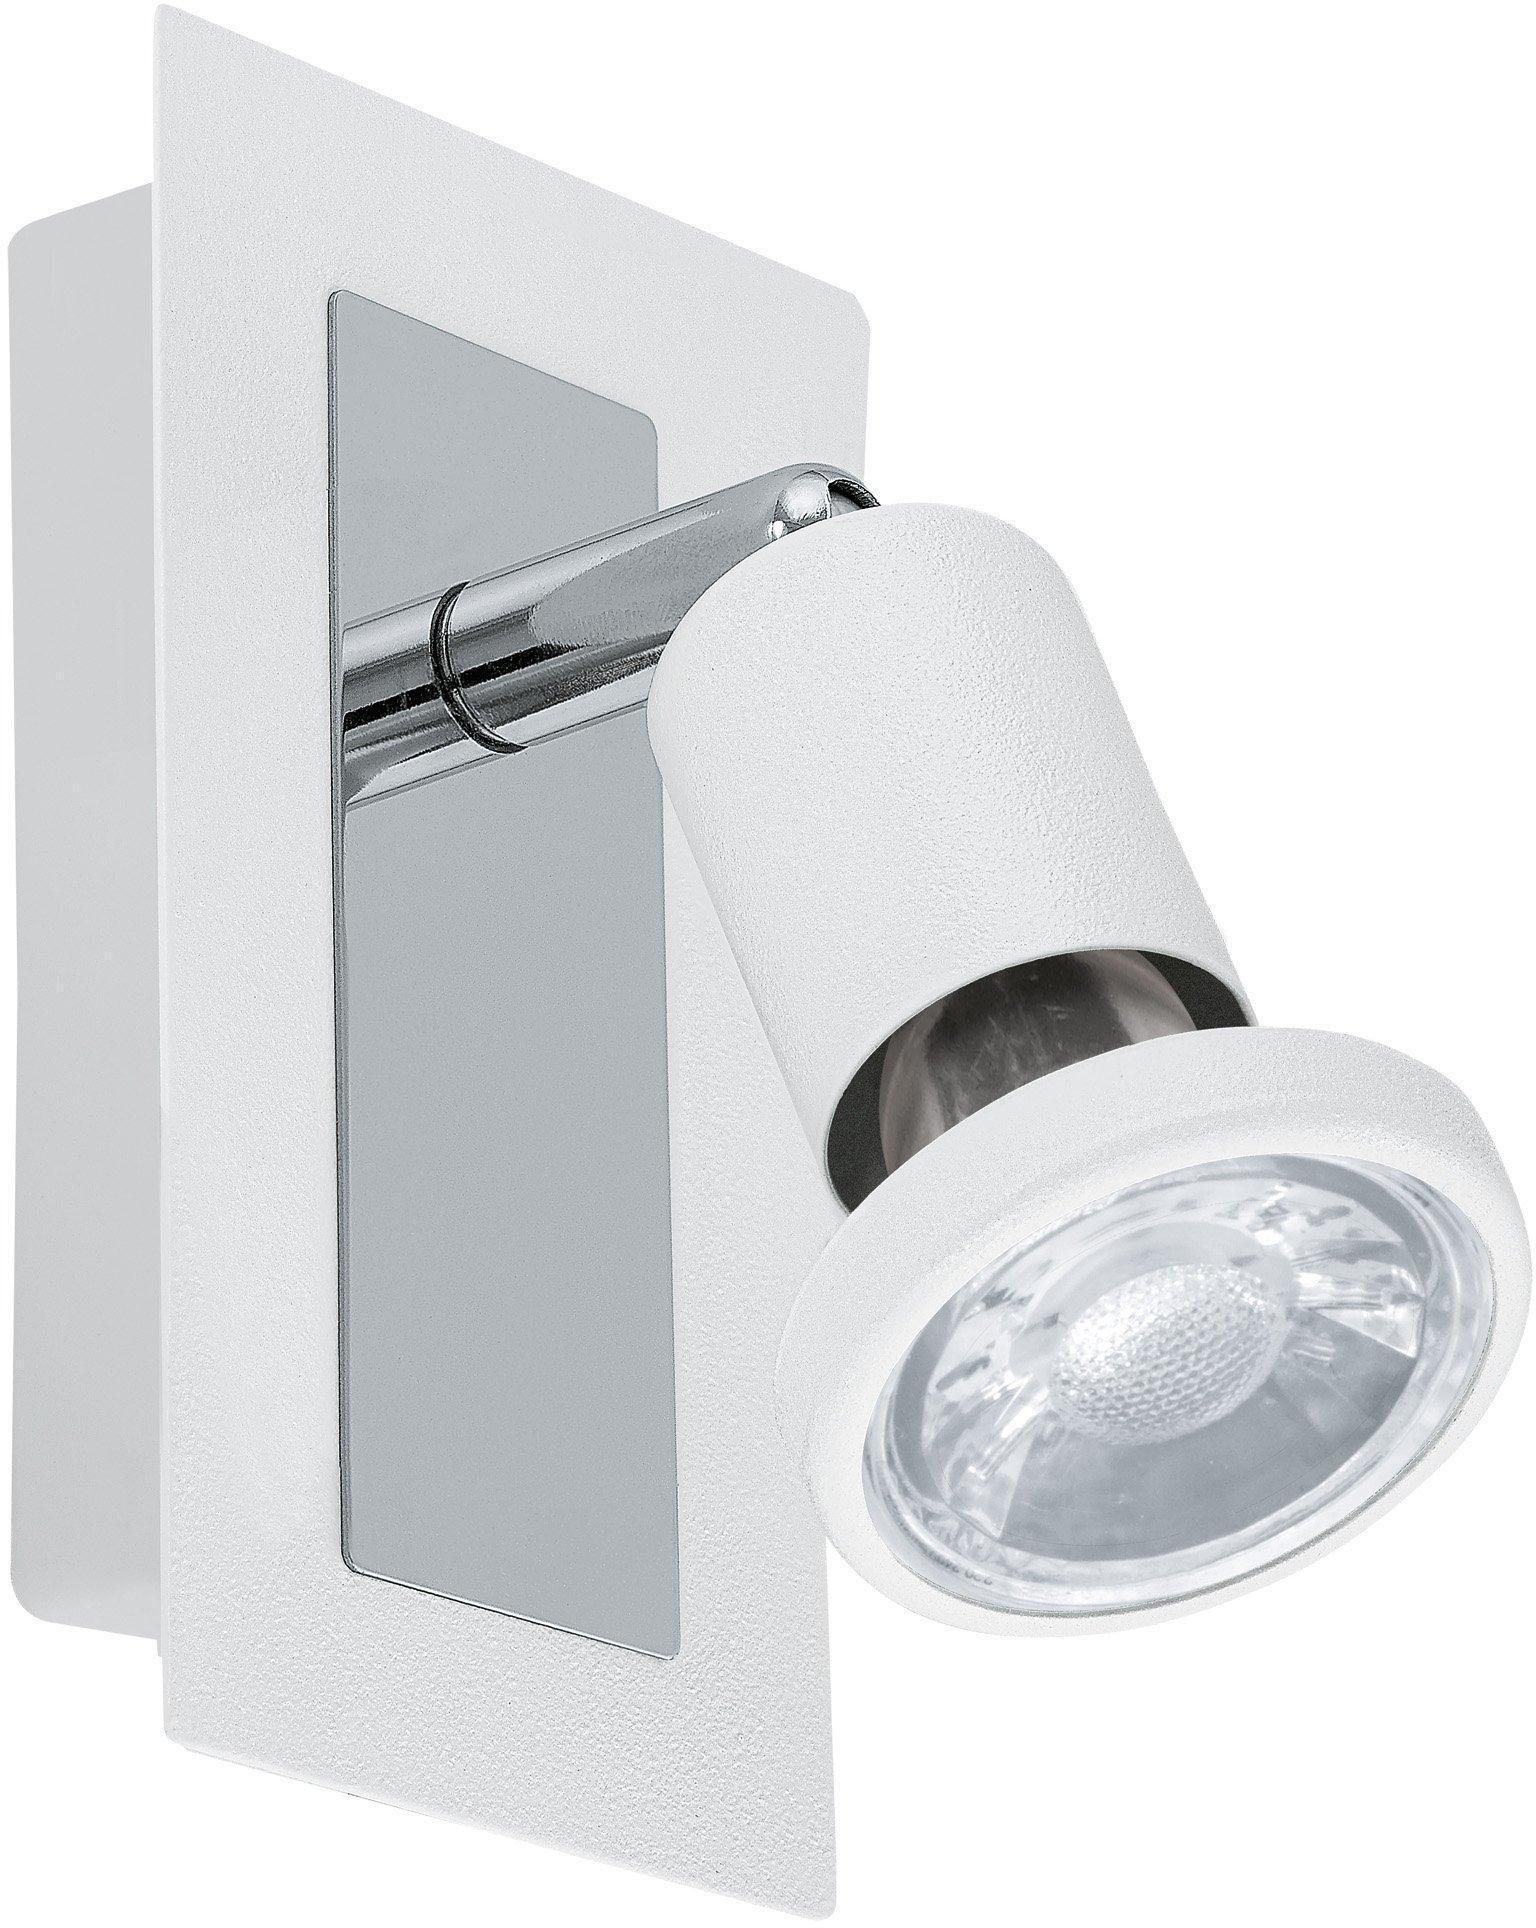 EGLO led-wandlamp SARRIA bestellen: 30 dagen bedenktijd